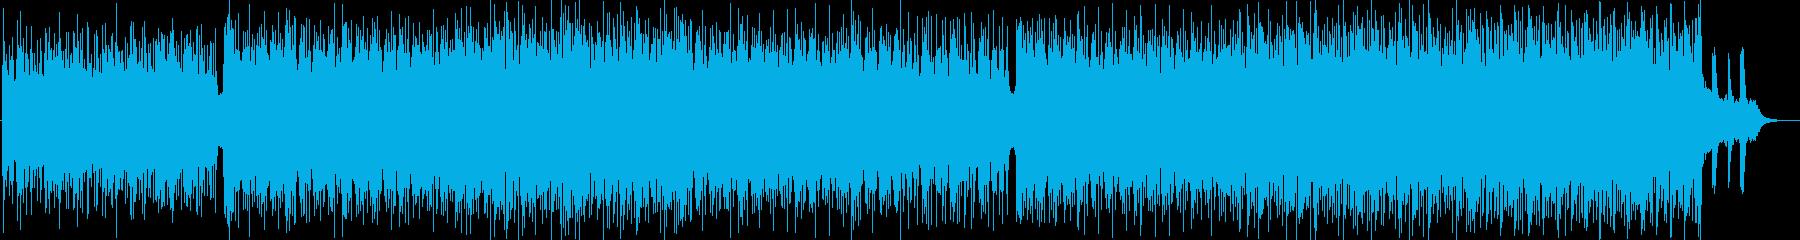 軽快でスタイリッシュなテクノサウンドの再生済みの波形